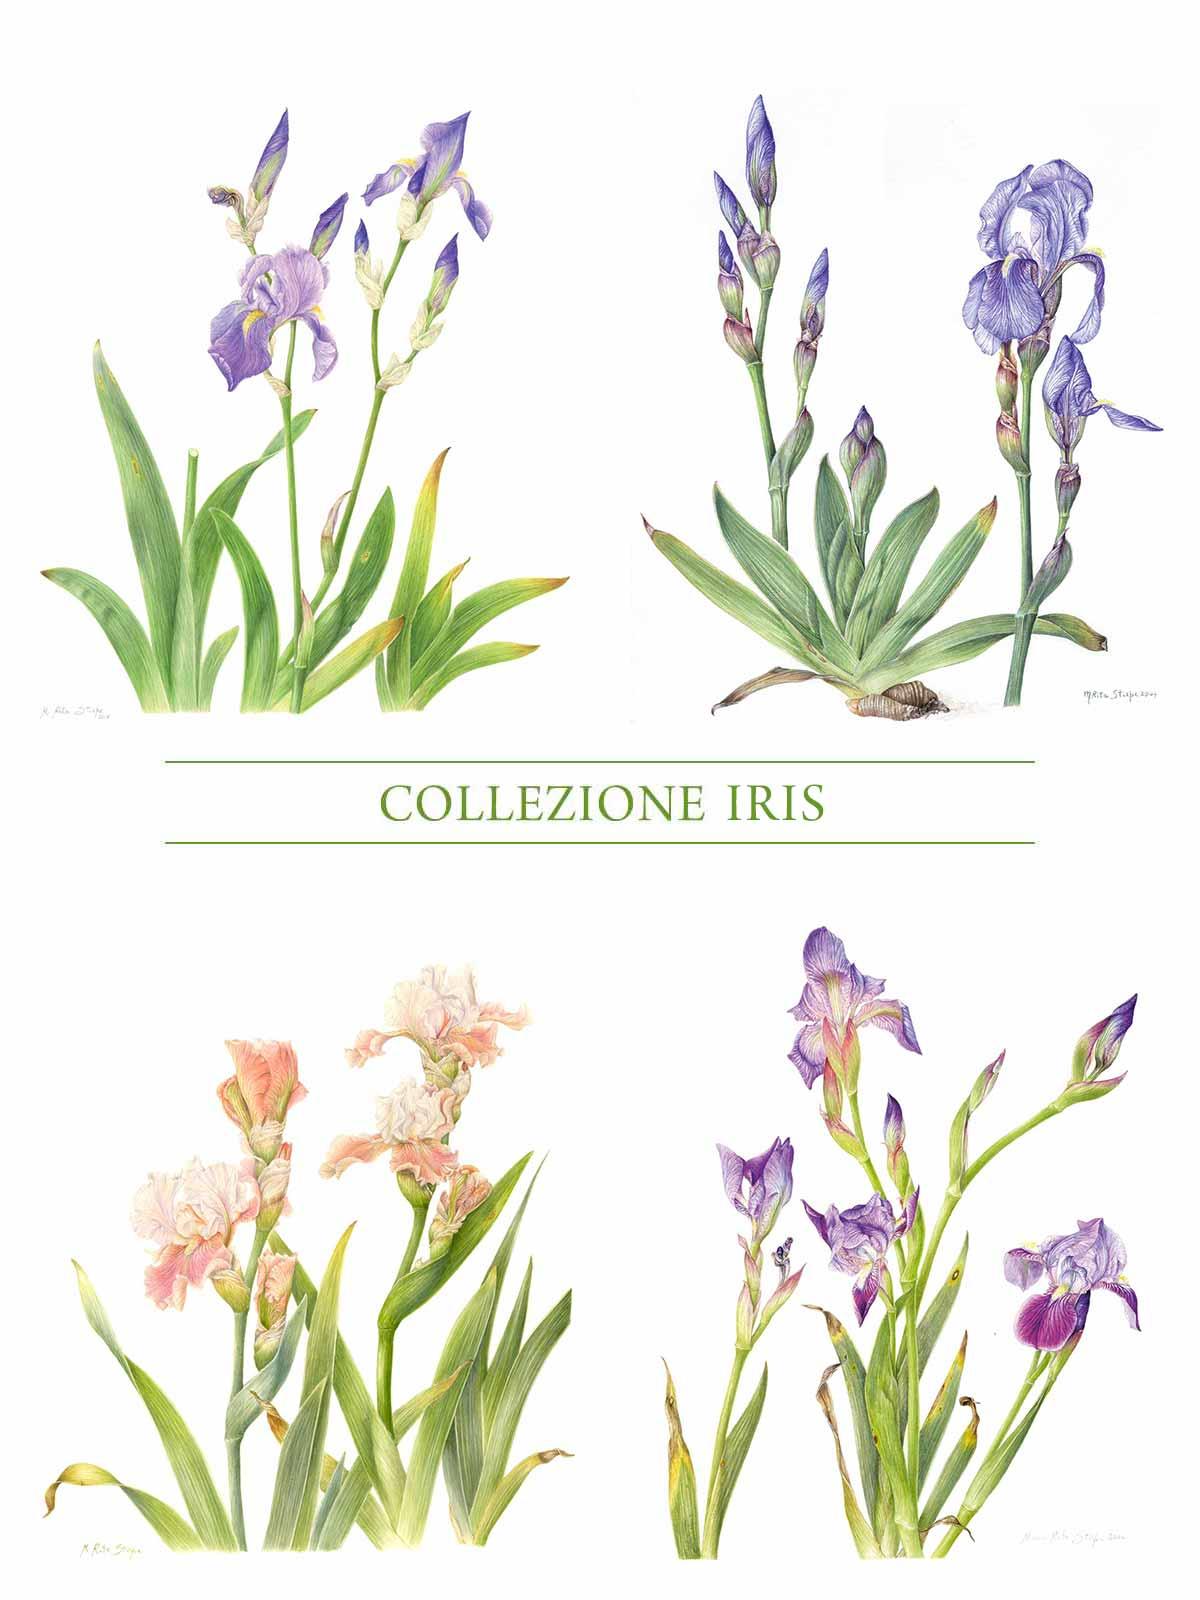 Stampa - Collezione Iris - Completa